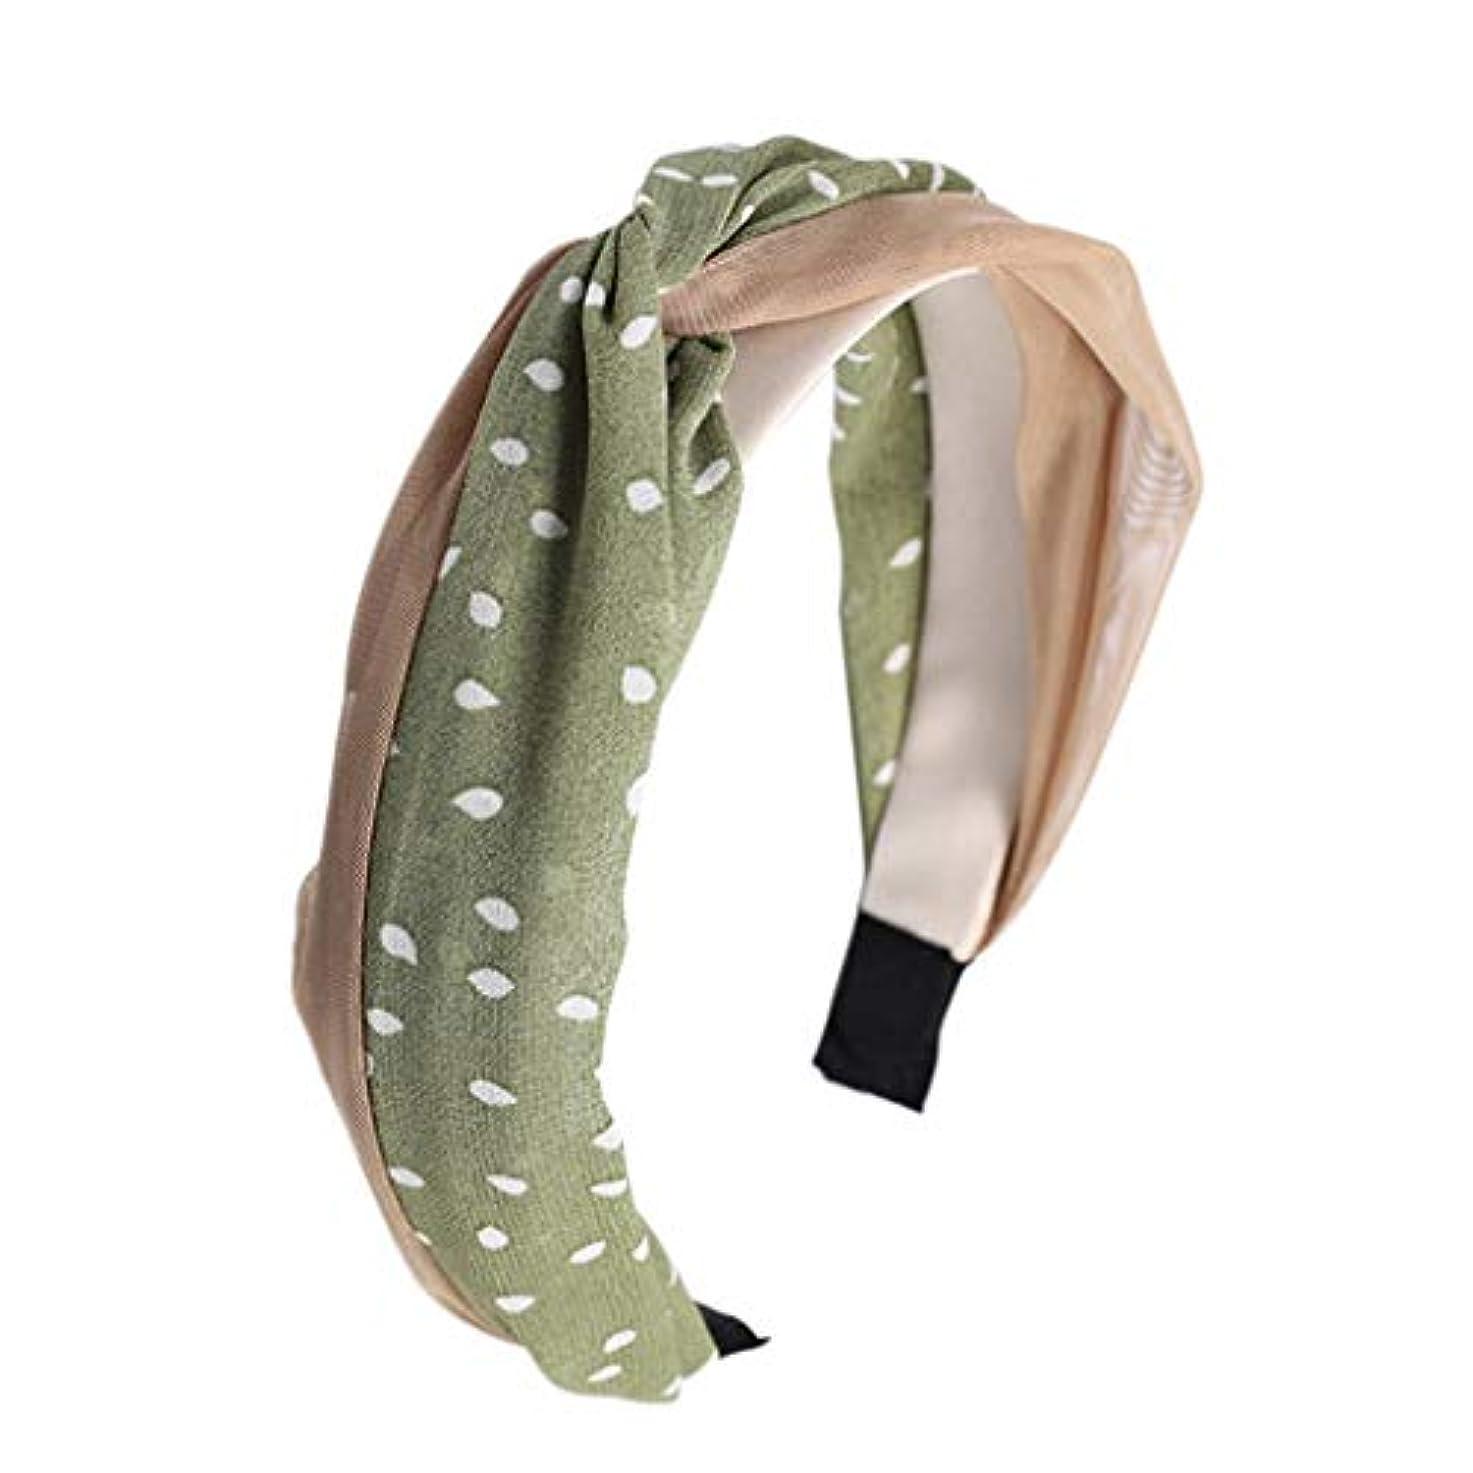 逃れるパテスイス人Manyao 韓国風の新鮮な女性のメッシュポルカドットヘッドバンドヴィンテージツイスト結び目ワイヤーヘアフープ (緑)